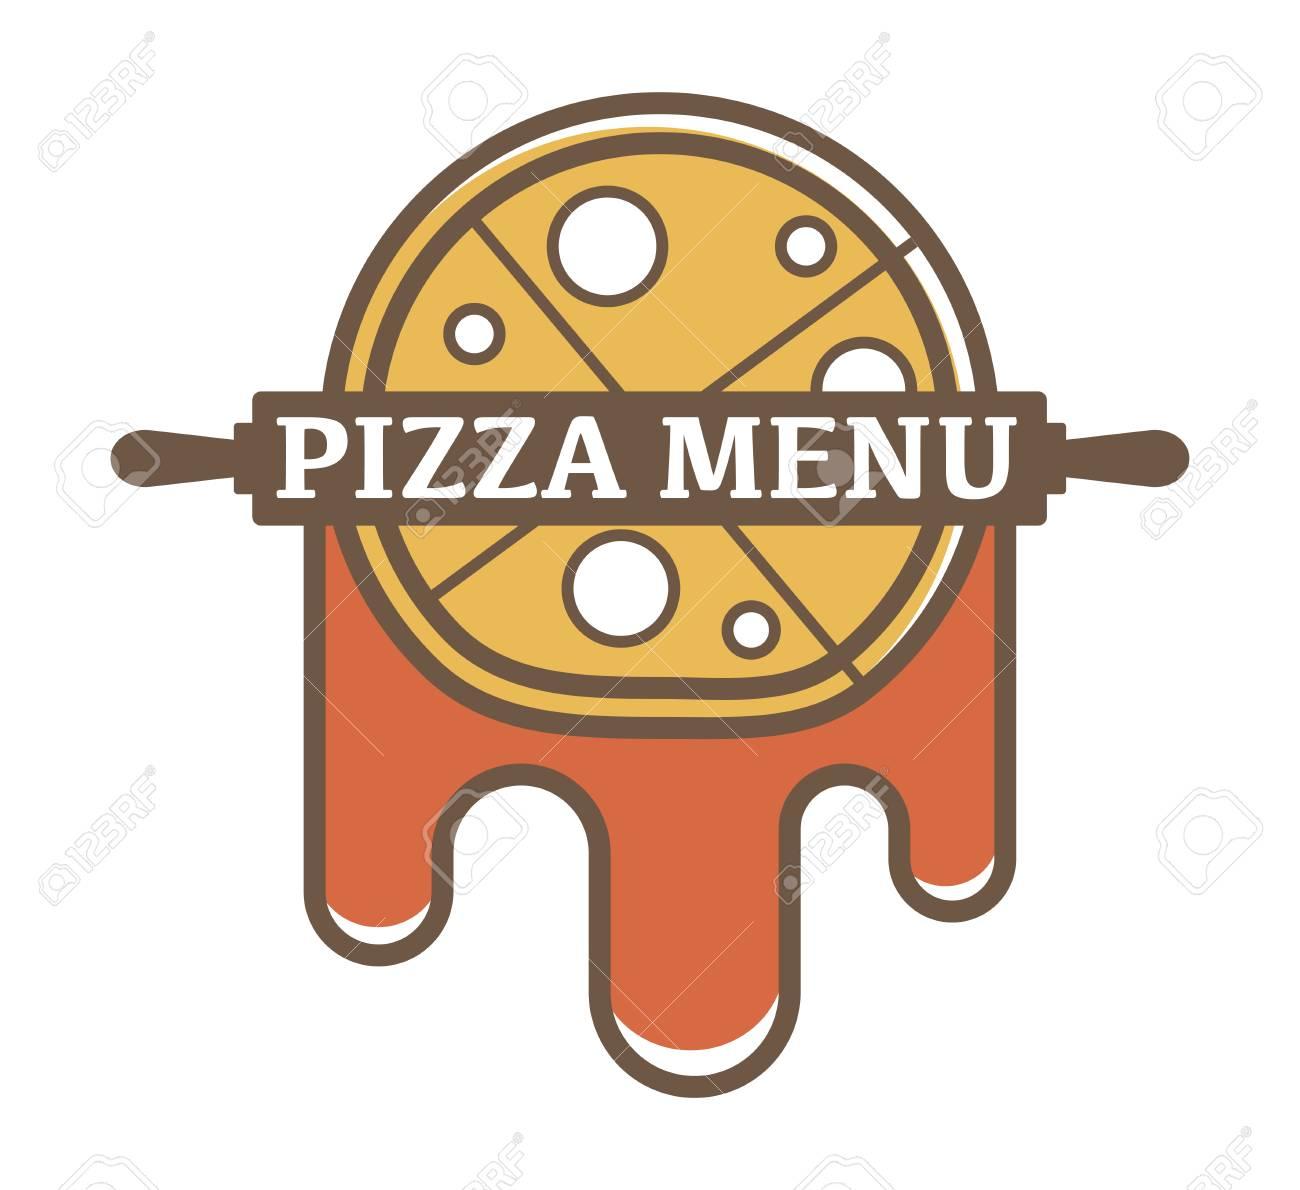 Pizza-Menü Werbe-Logotype Mit Langem Nudelholz Und Leckere Tomaten ...